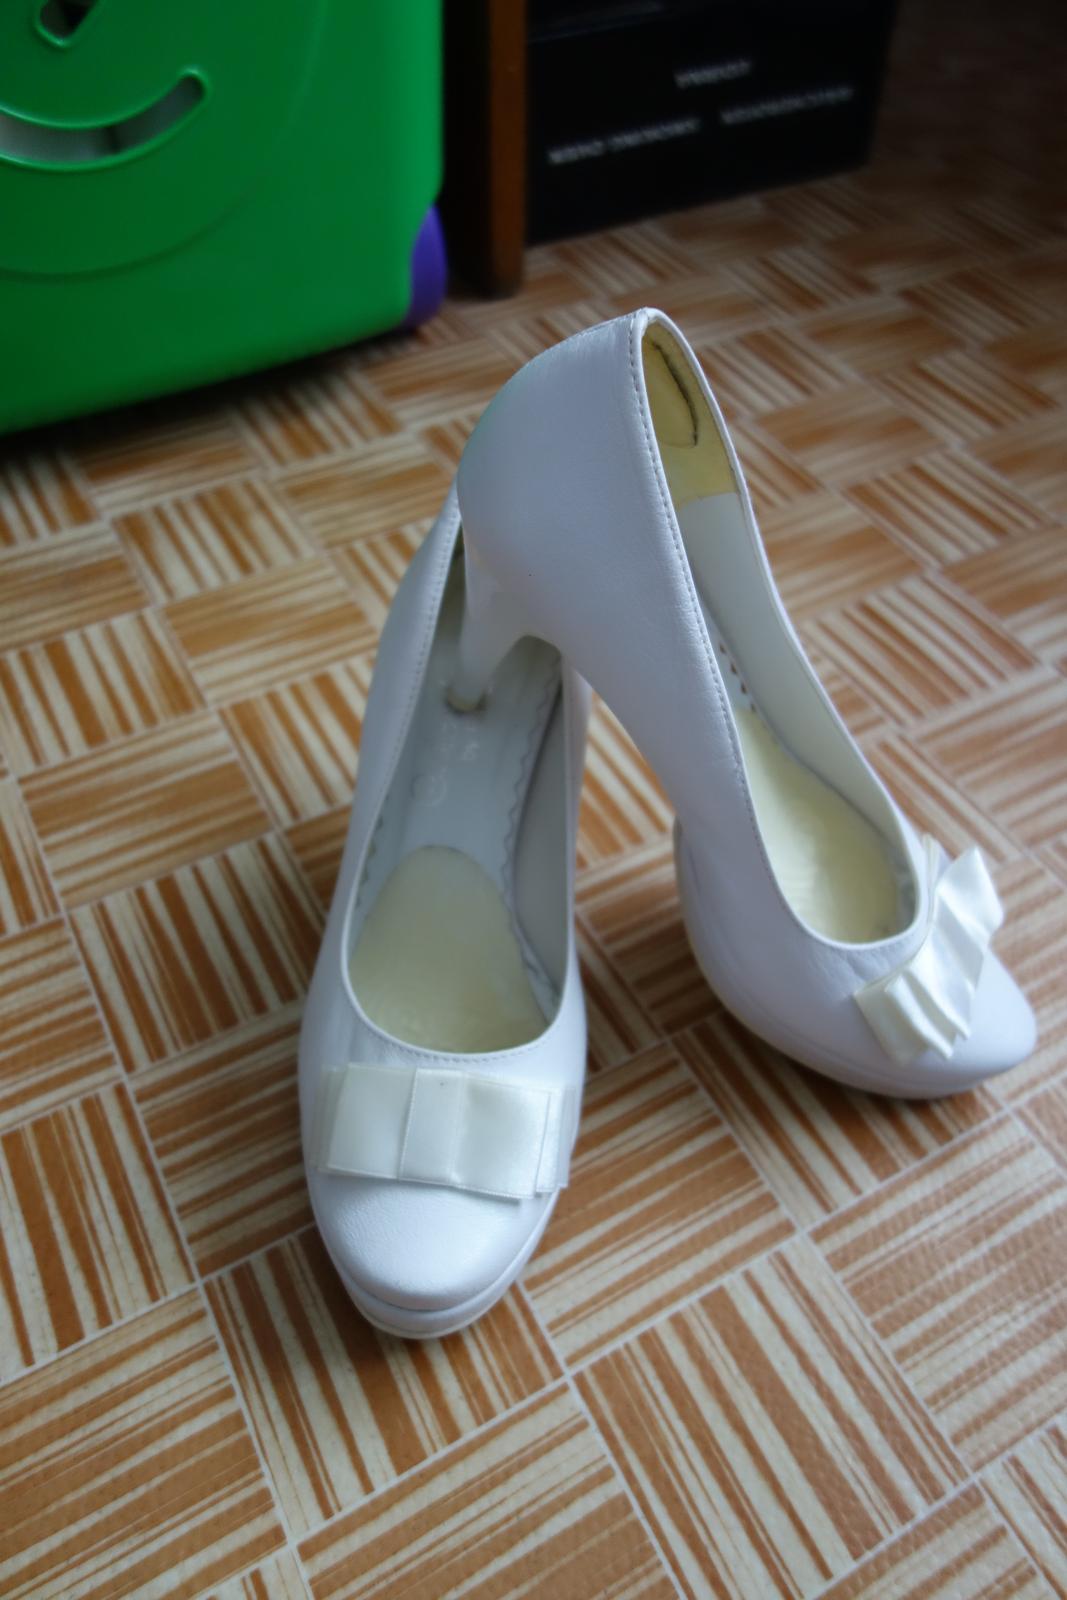 Svadobné topánky veľkosť 36 - Obrázok č. 2